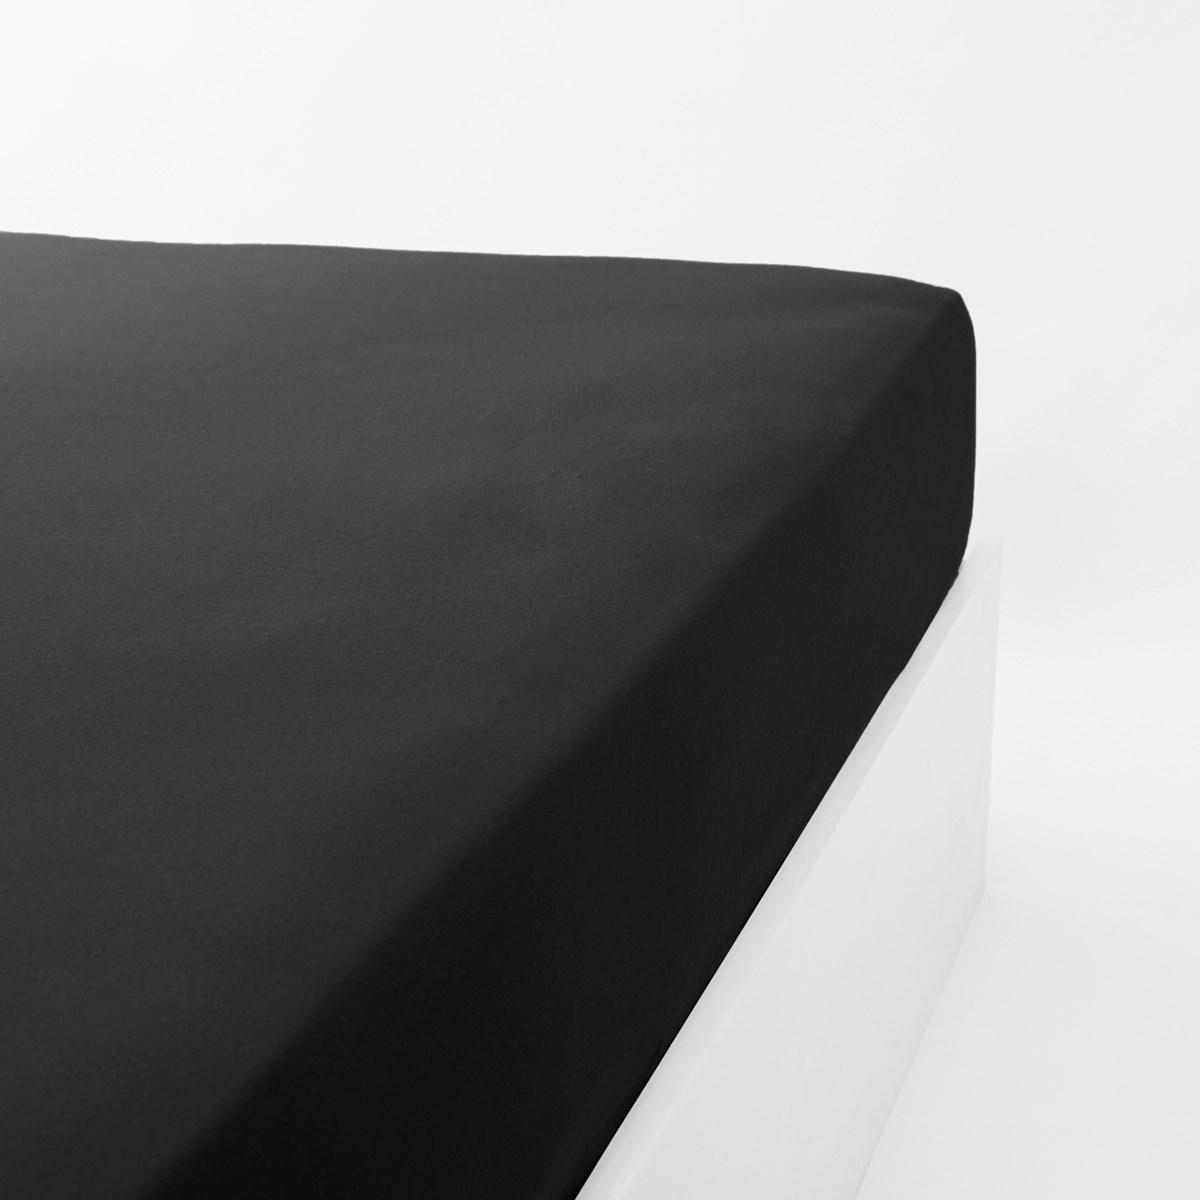 Drap housse jersey extensible en coton noir 70x190 cm